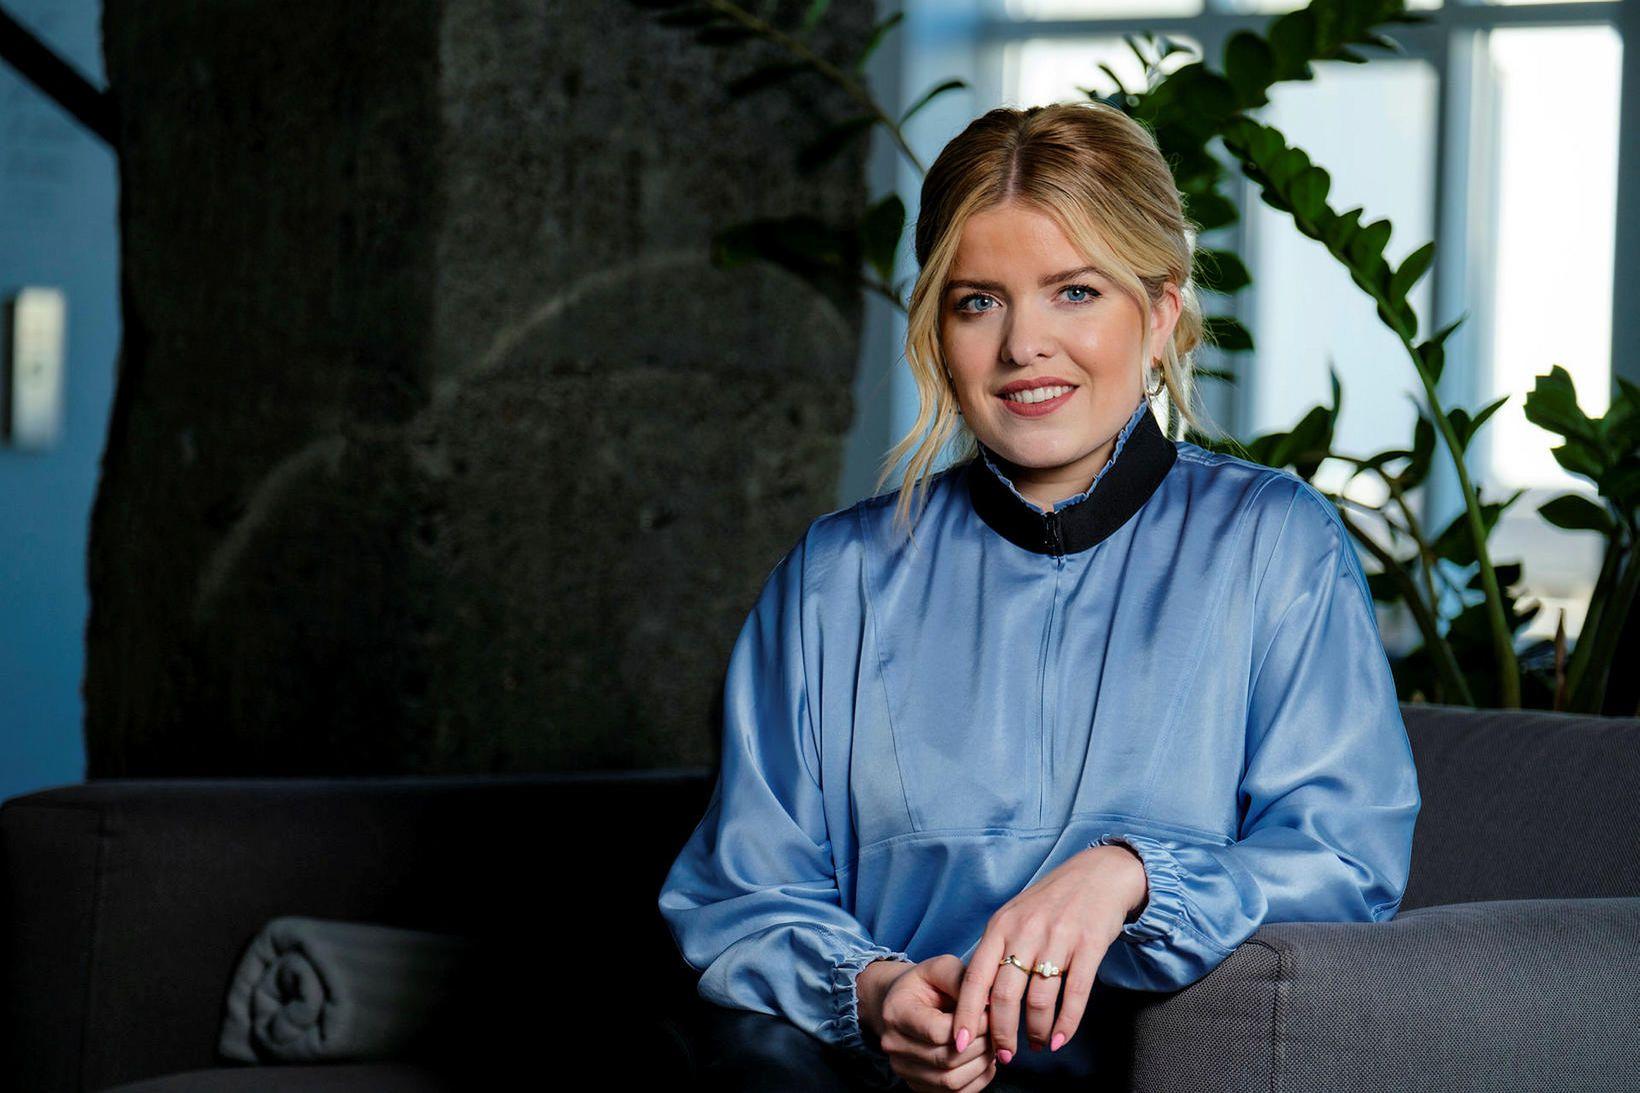 Áslaug Arna Sigurbjörnsdóttir dómsmálaráðherra vill leiða lista Sjálfstæðisflokksins til sigurs.